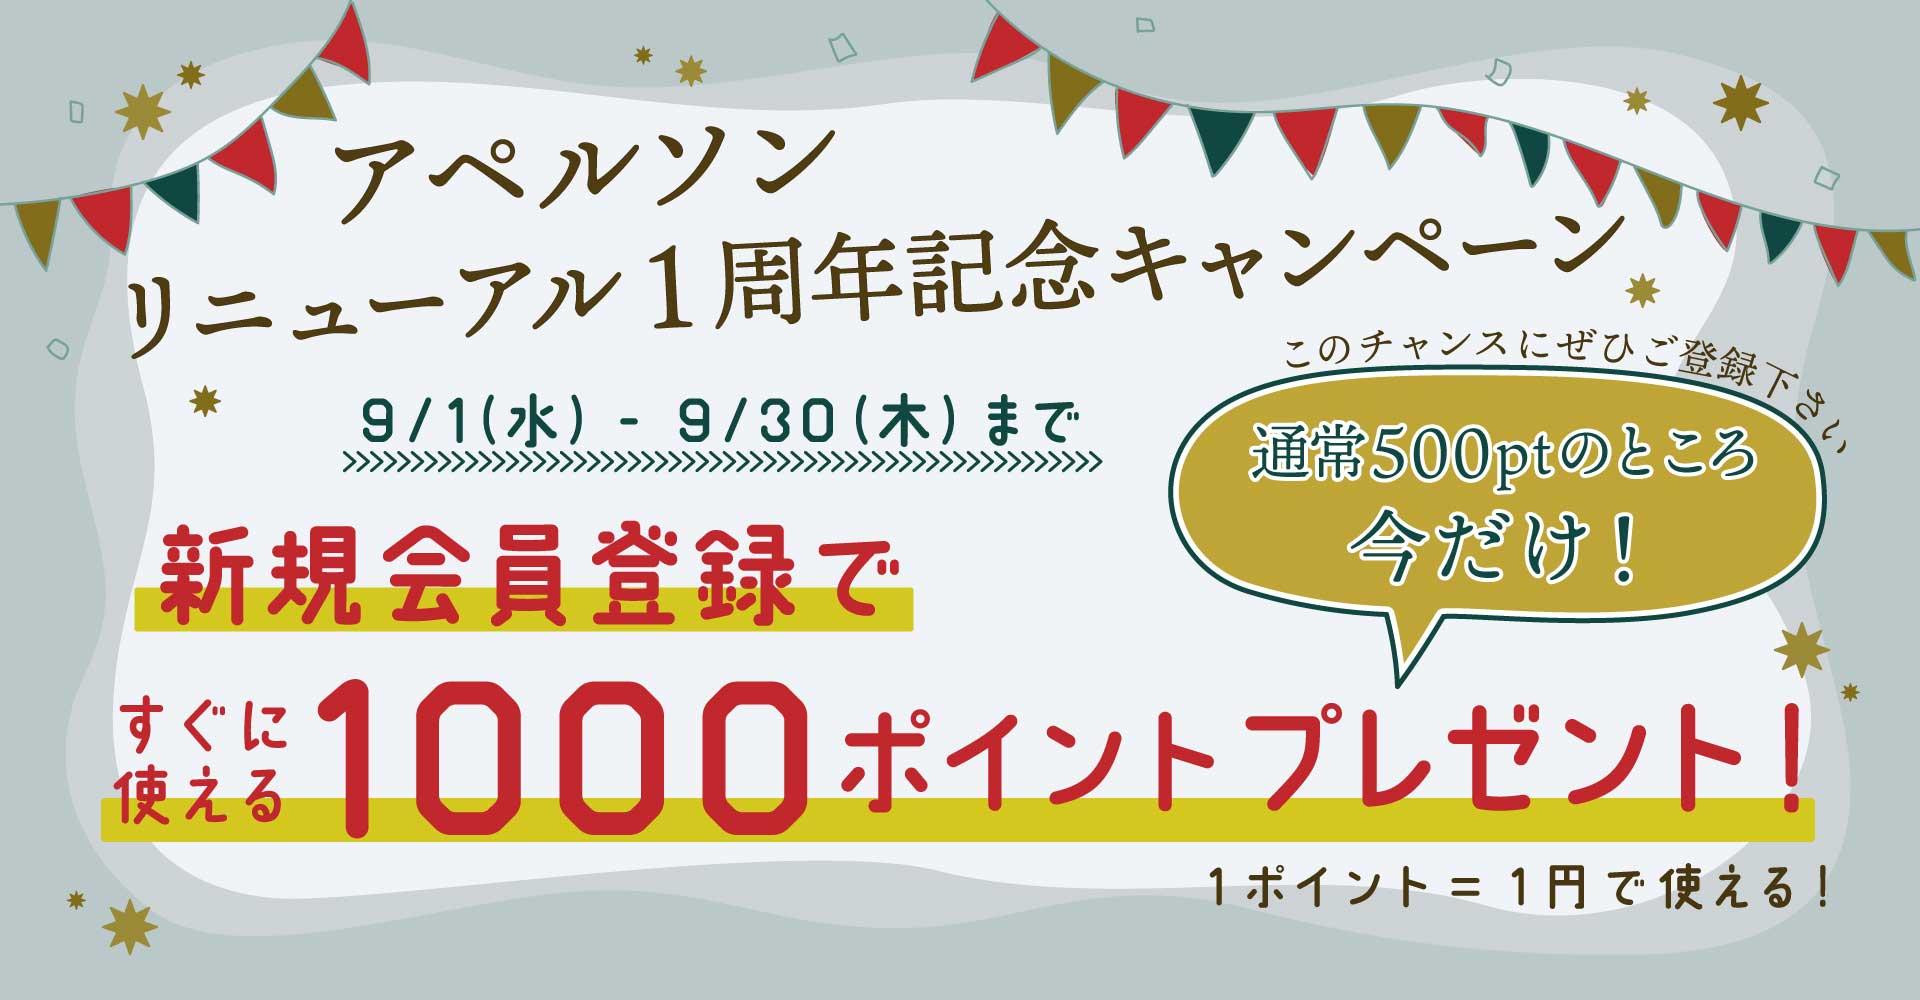 会員登録で1000円分のポイントプレゼント中